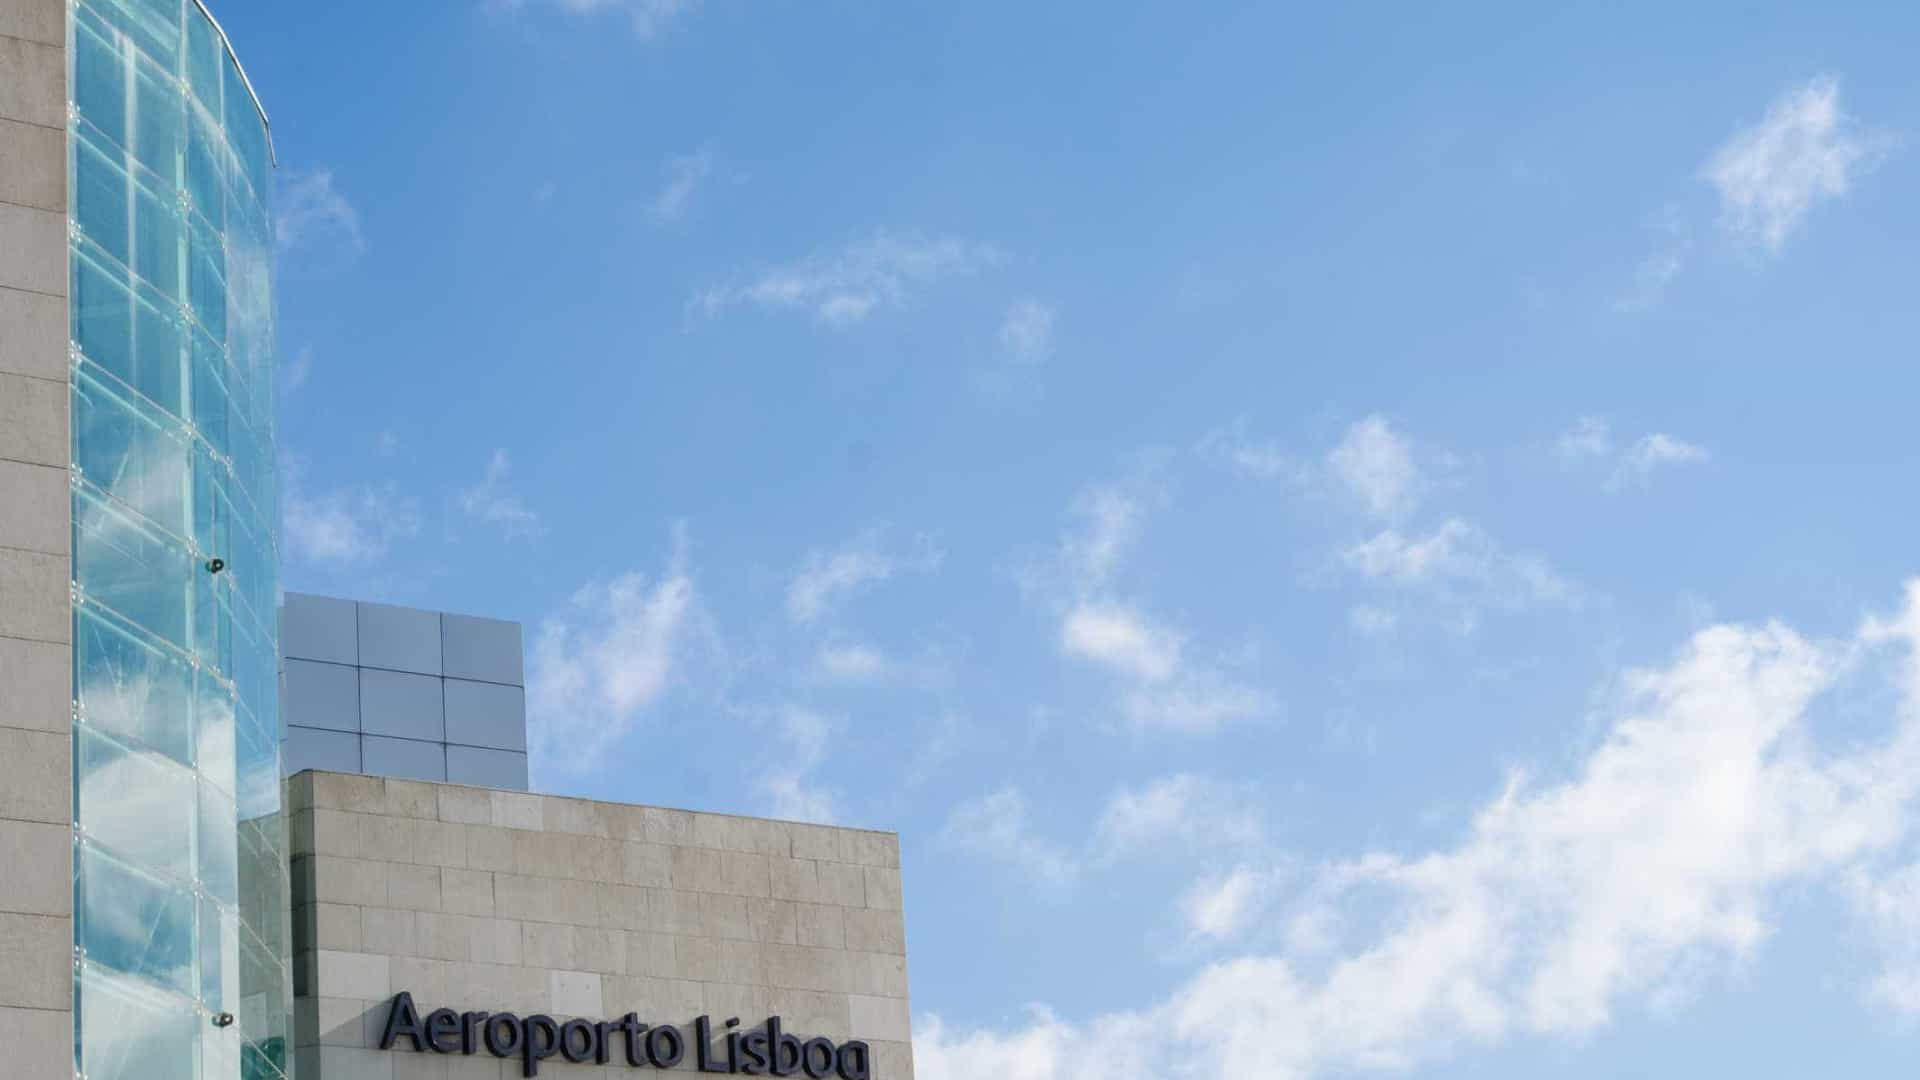 Aeroporto de Lisboa pode chegar a 46 movimentos/hora antes do Montijo